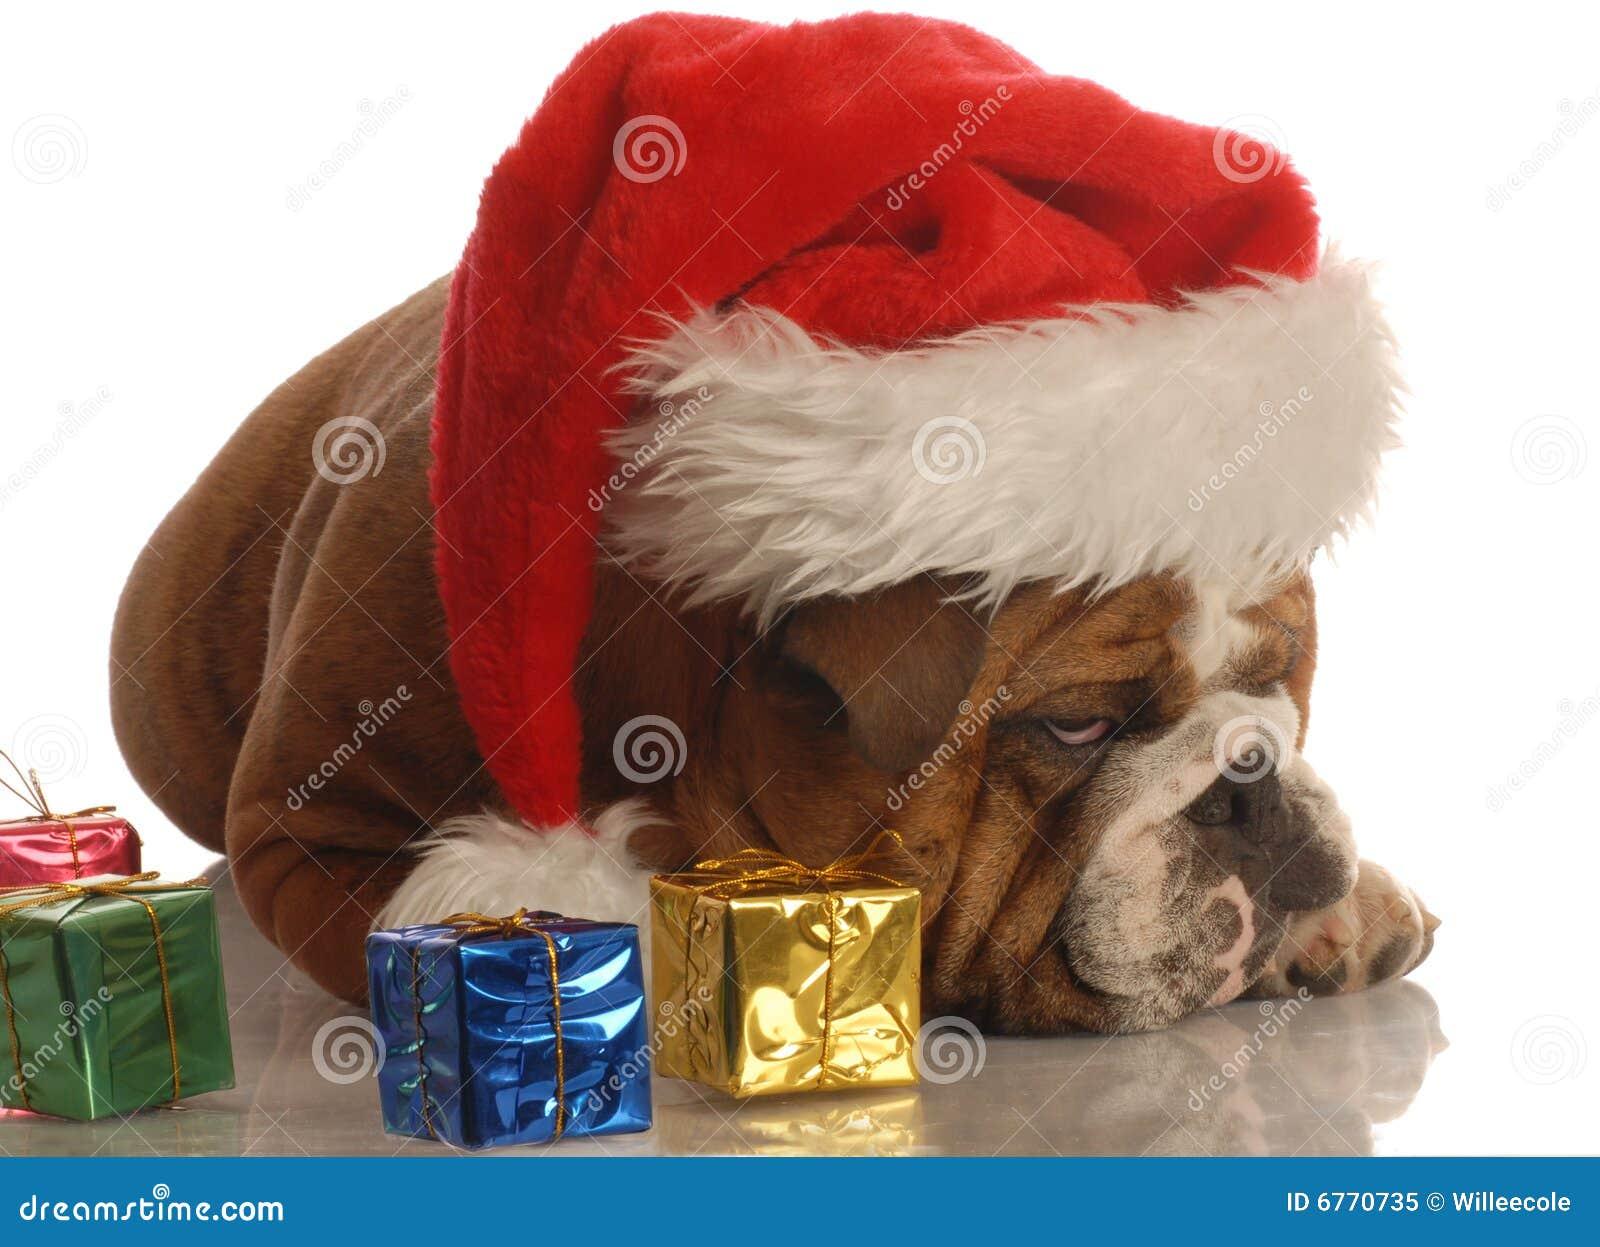 Bulldogge Scrooge Am Weihnachten Stockbild - Bild von geschenk, nett ...